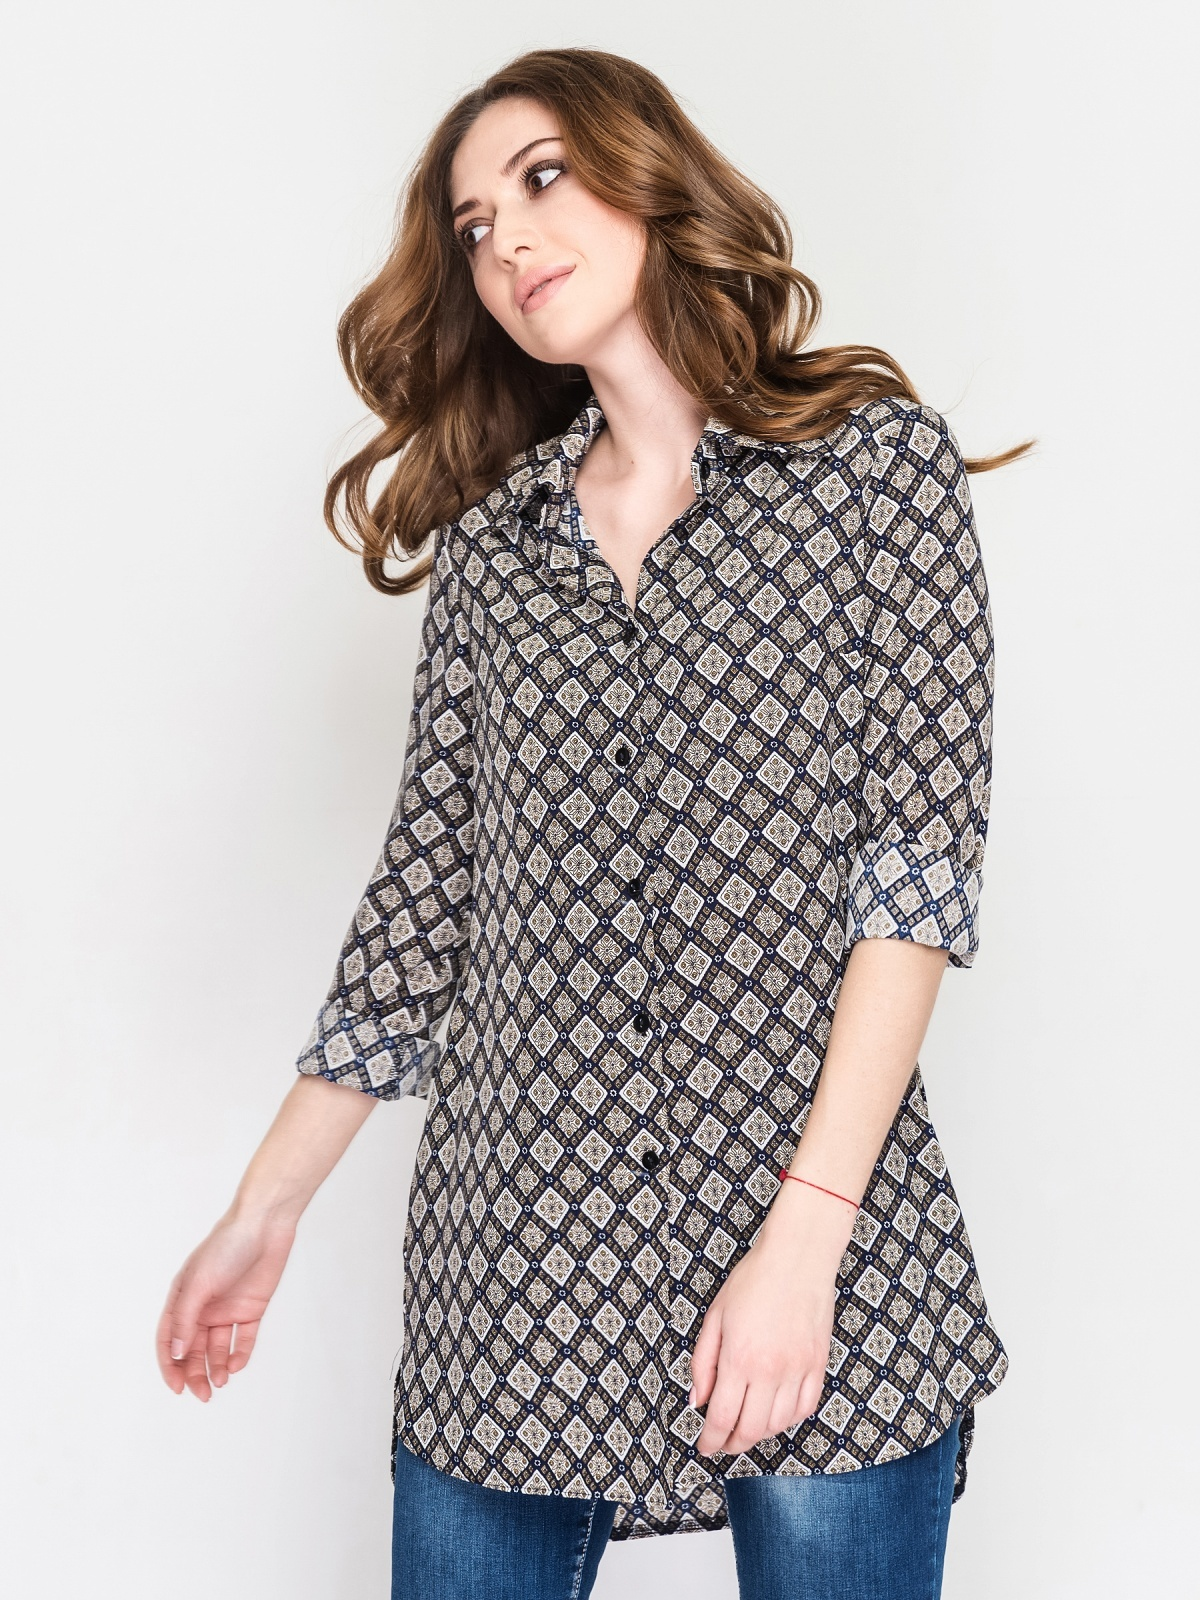 Рубашка-блузка в мелкий рисунок